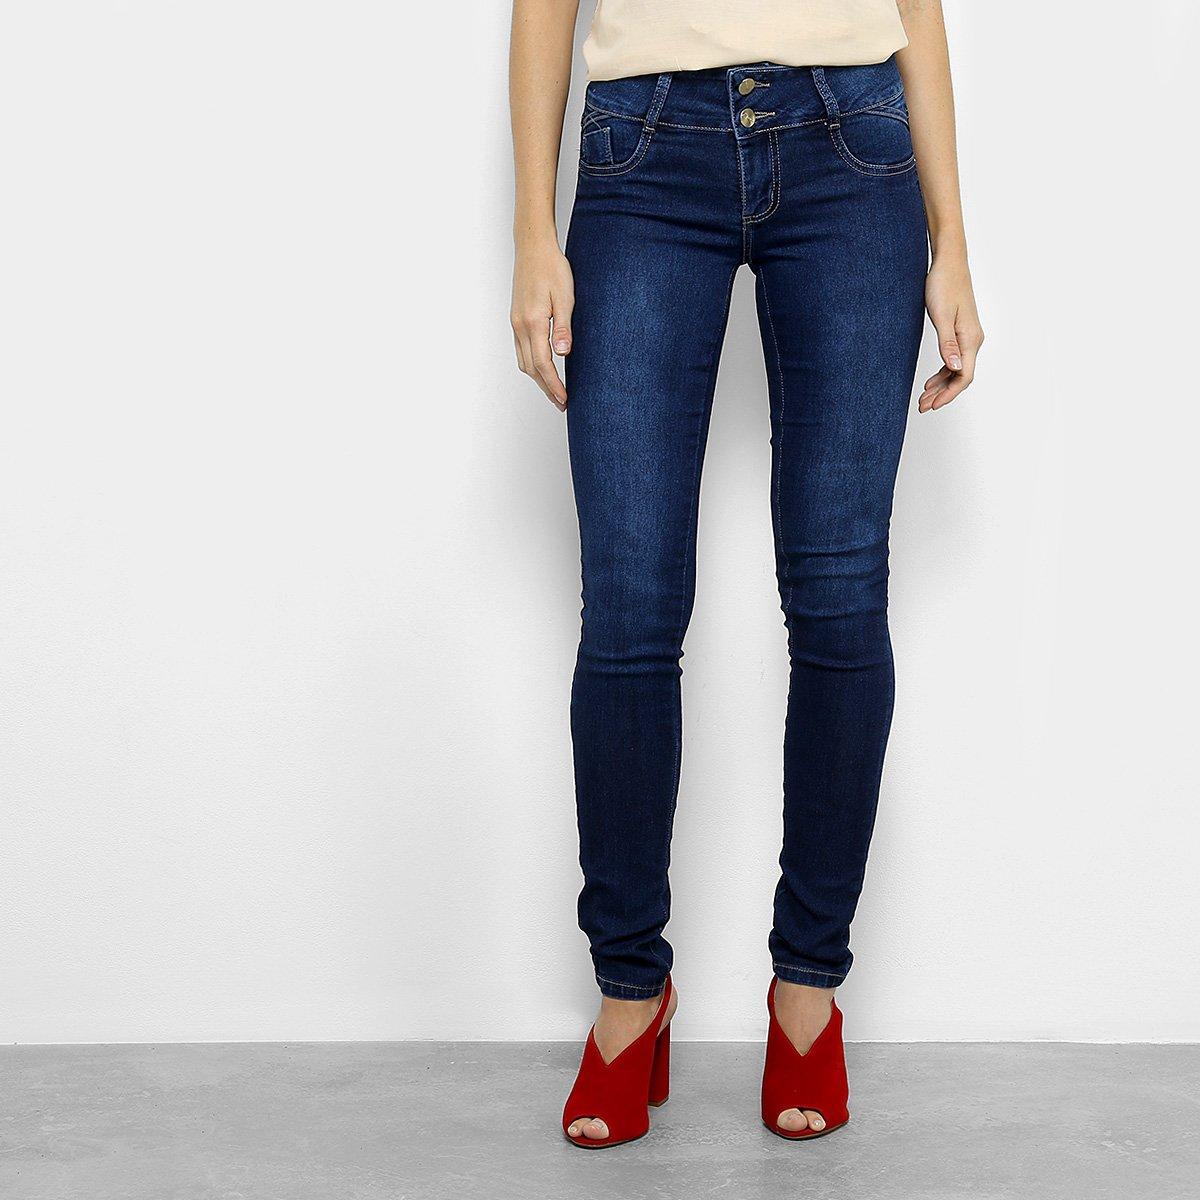 Calça Jeans Skinny Sawary Dois Botões Cintura Baixa Feminina - Compre Agora   6a86f57c35e